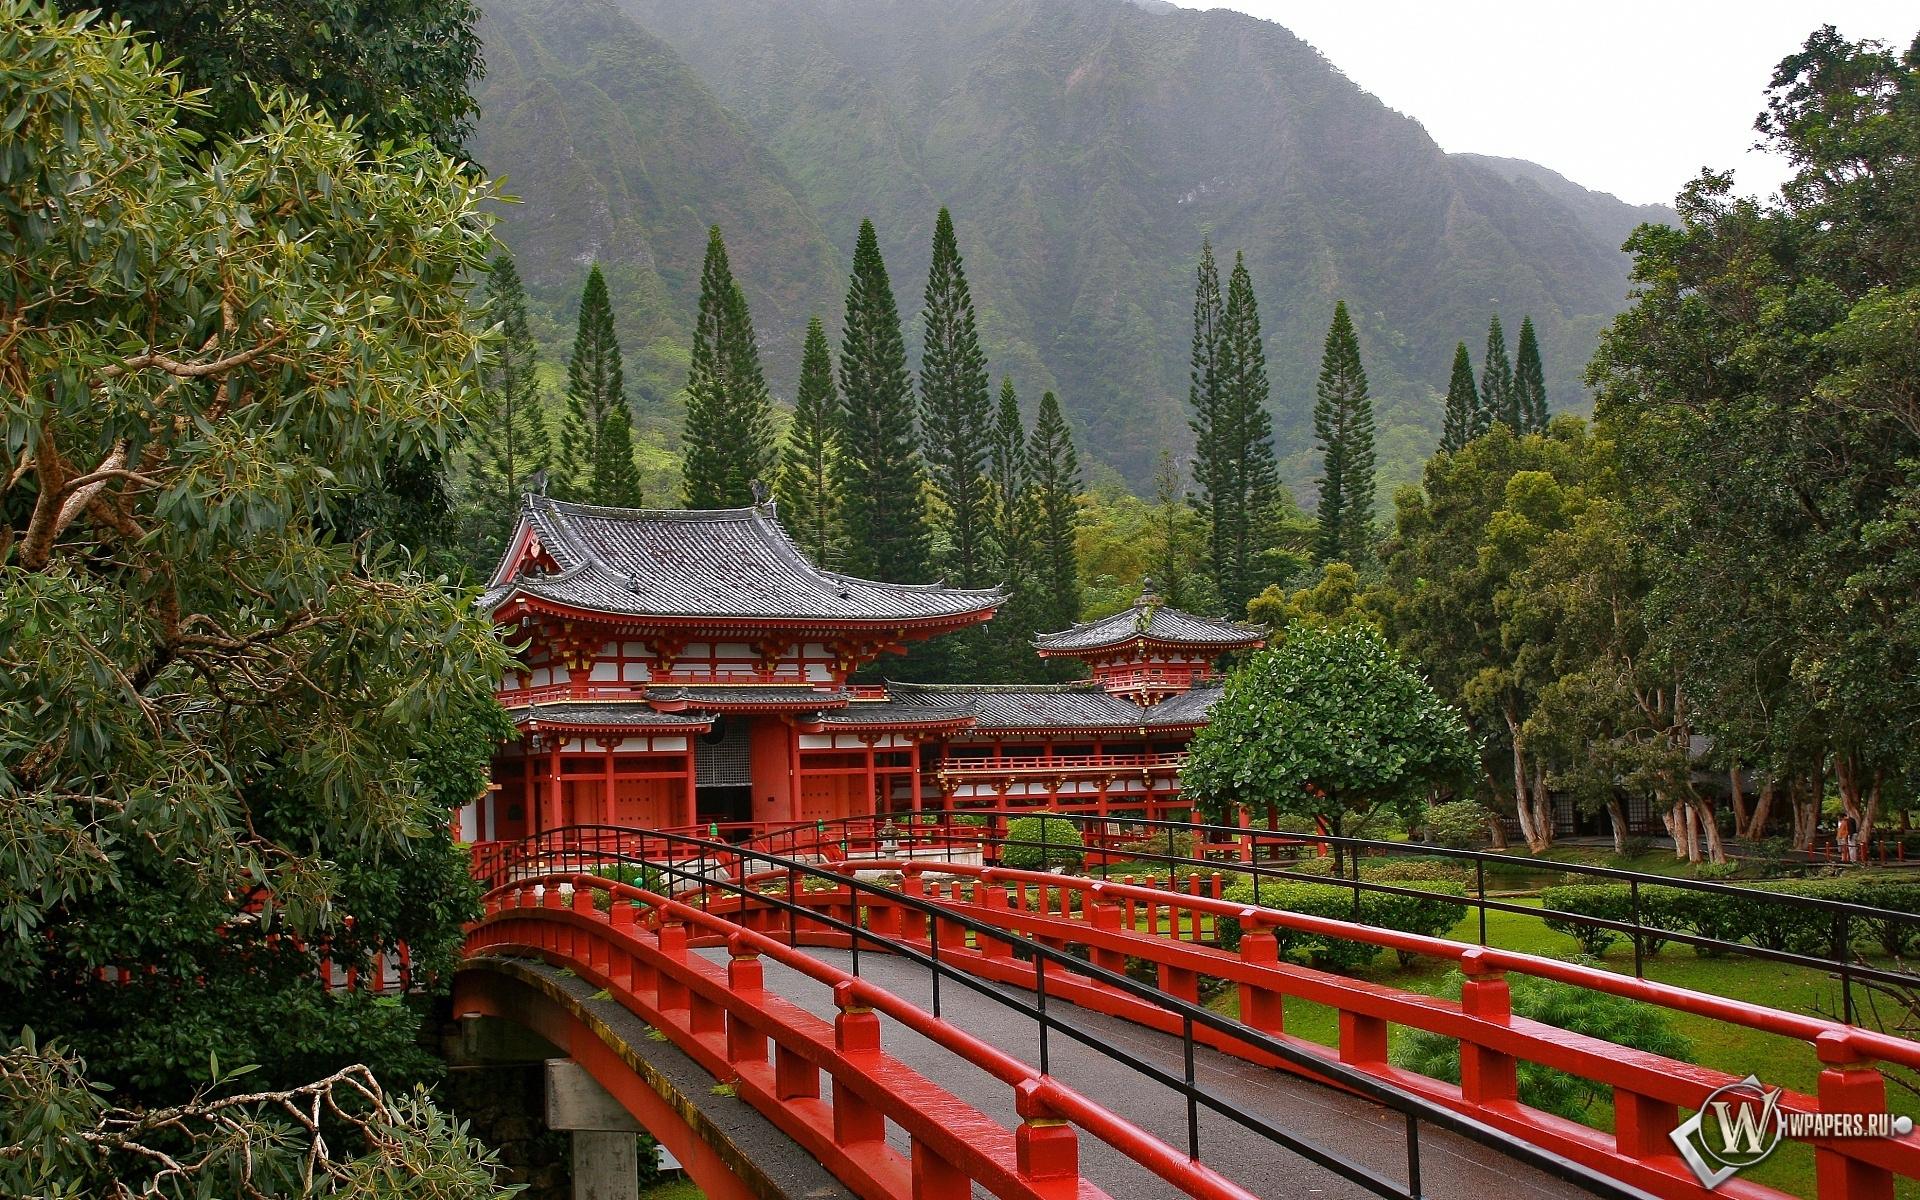 Акаси-Кайкё висячий мост в Японии 1920x1200